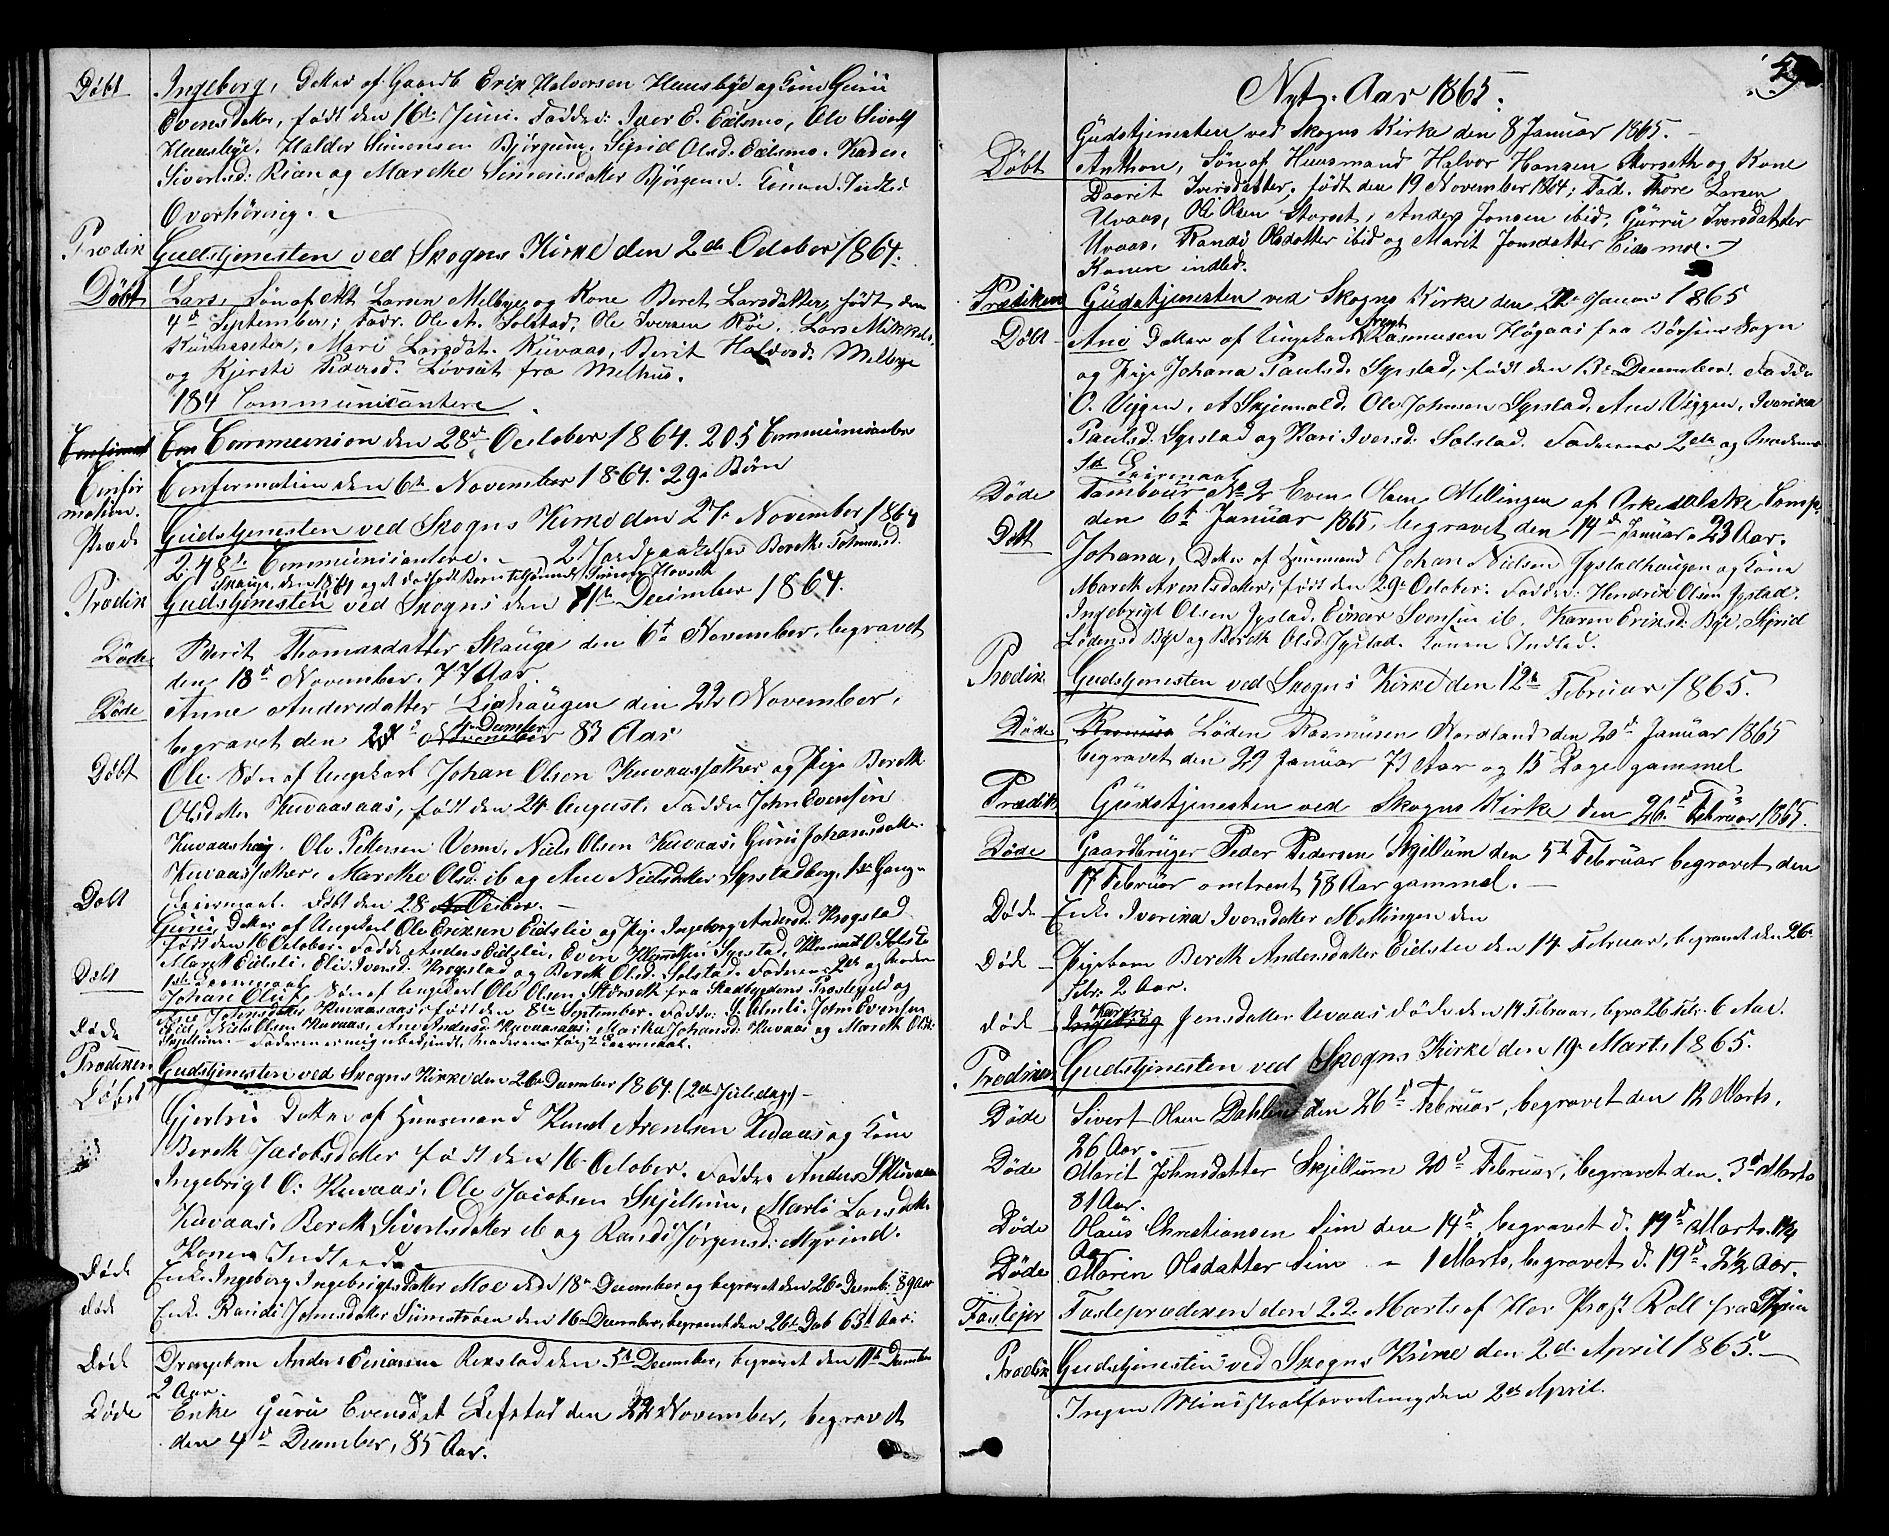 SAT, Ministerialprotokoller, klokkerbøker og fødselsregistre - Sør-Trøndelag, 667/L0797: Klokkerbok nr. 667C02, 1849-1867, s. 49